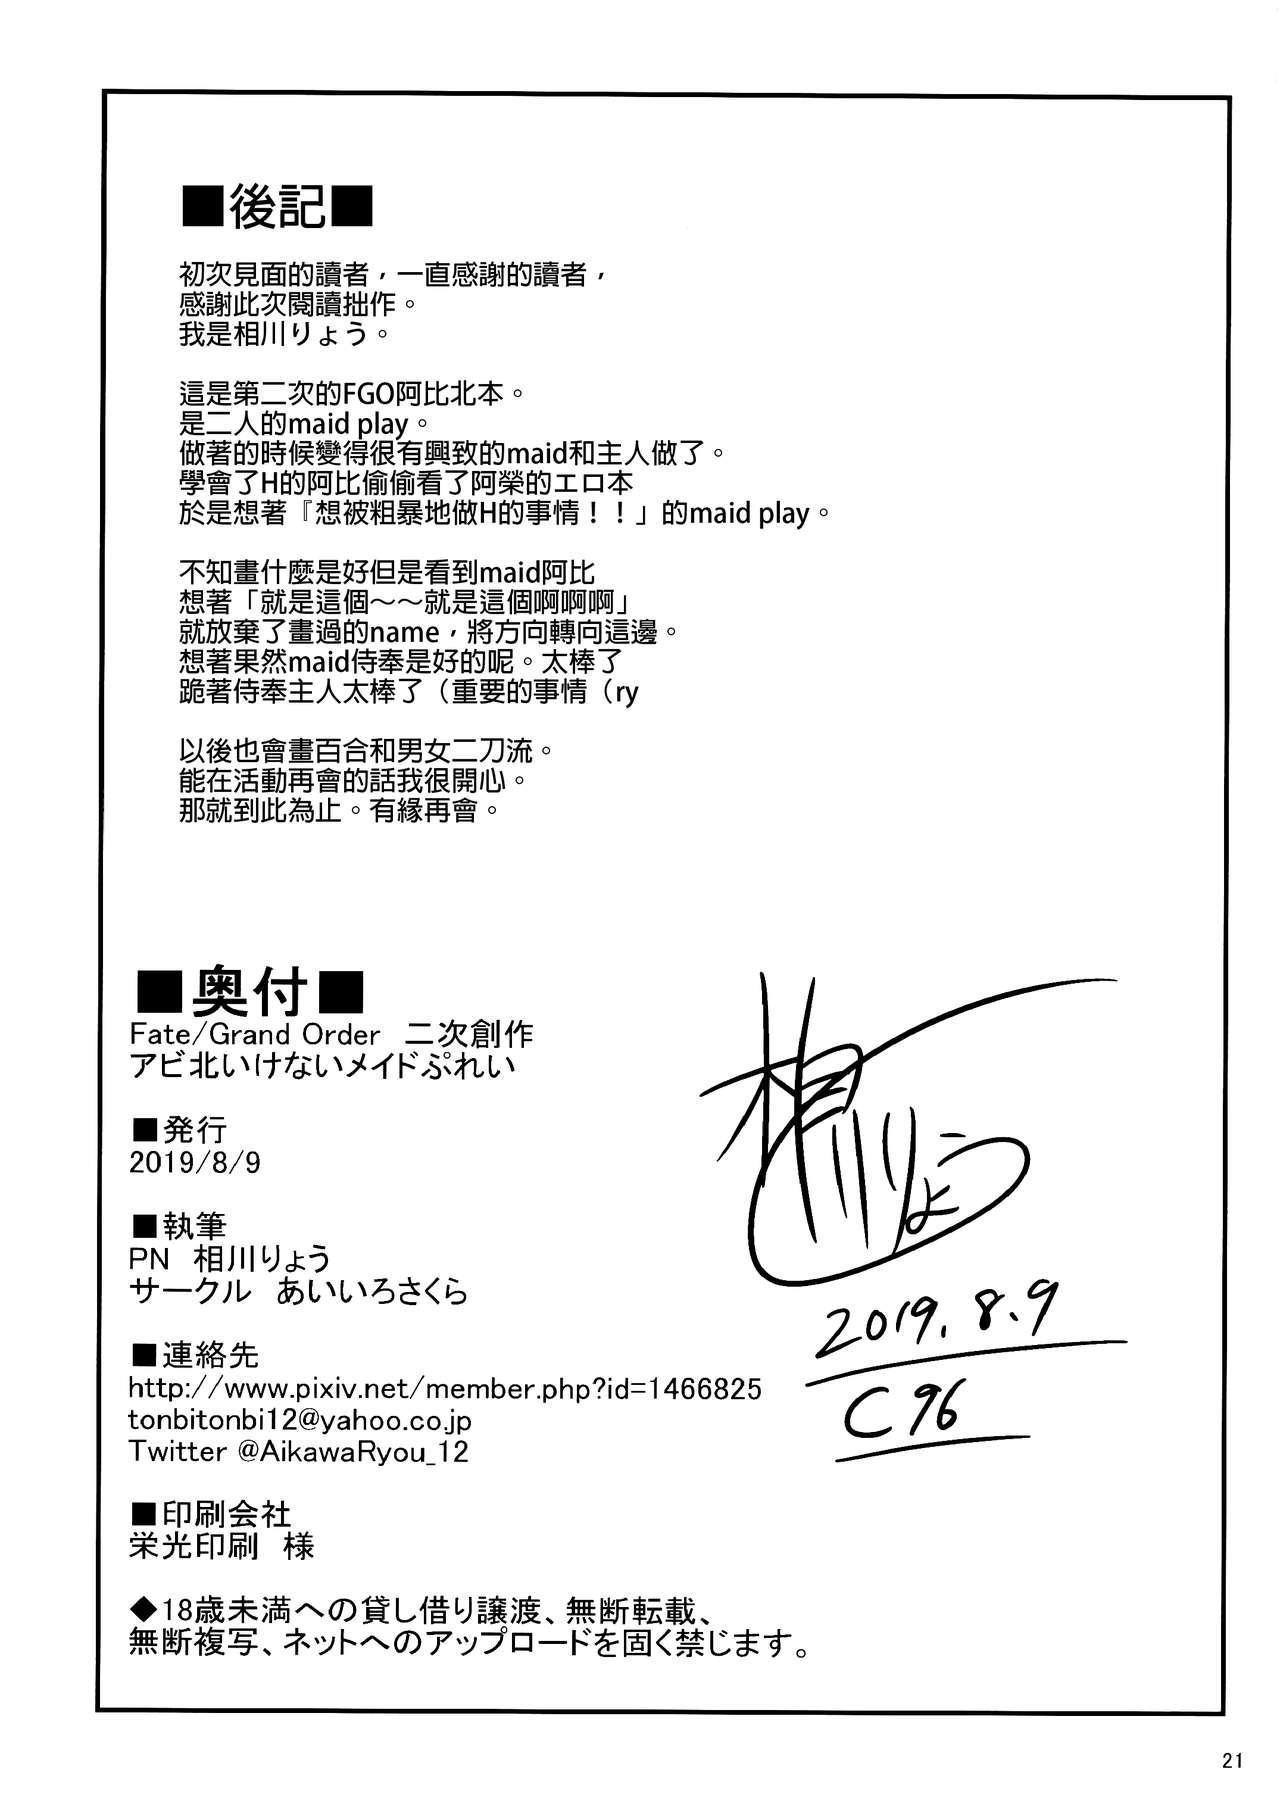 AbiHoku Ikenai Maid Play 22